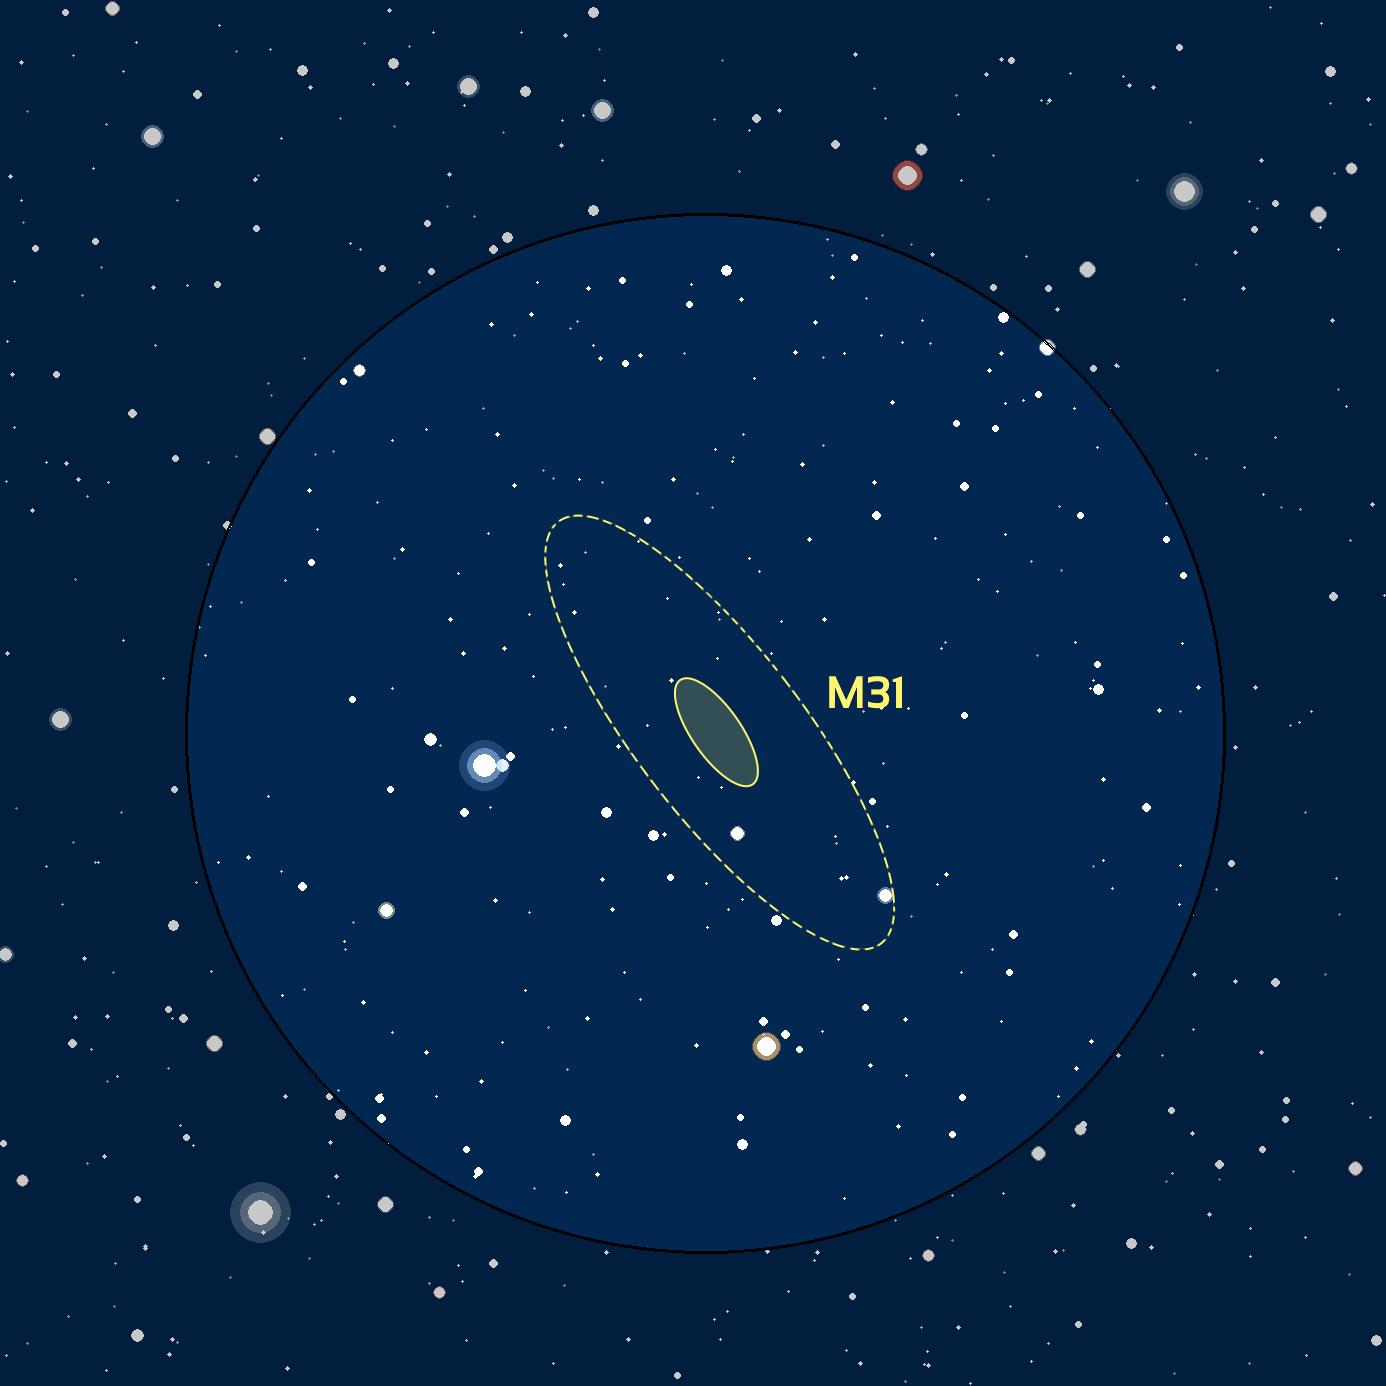 carte du ciel M31